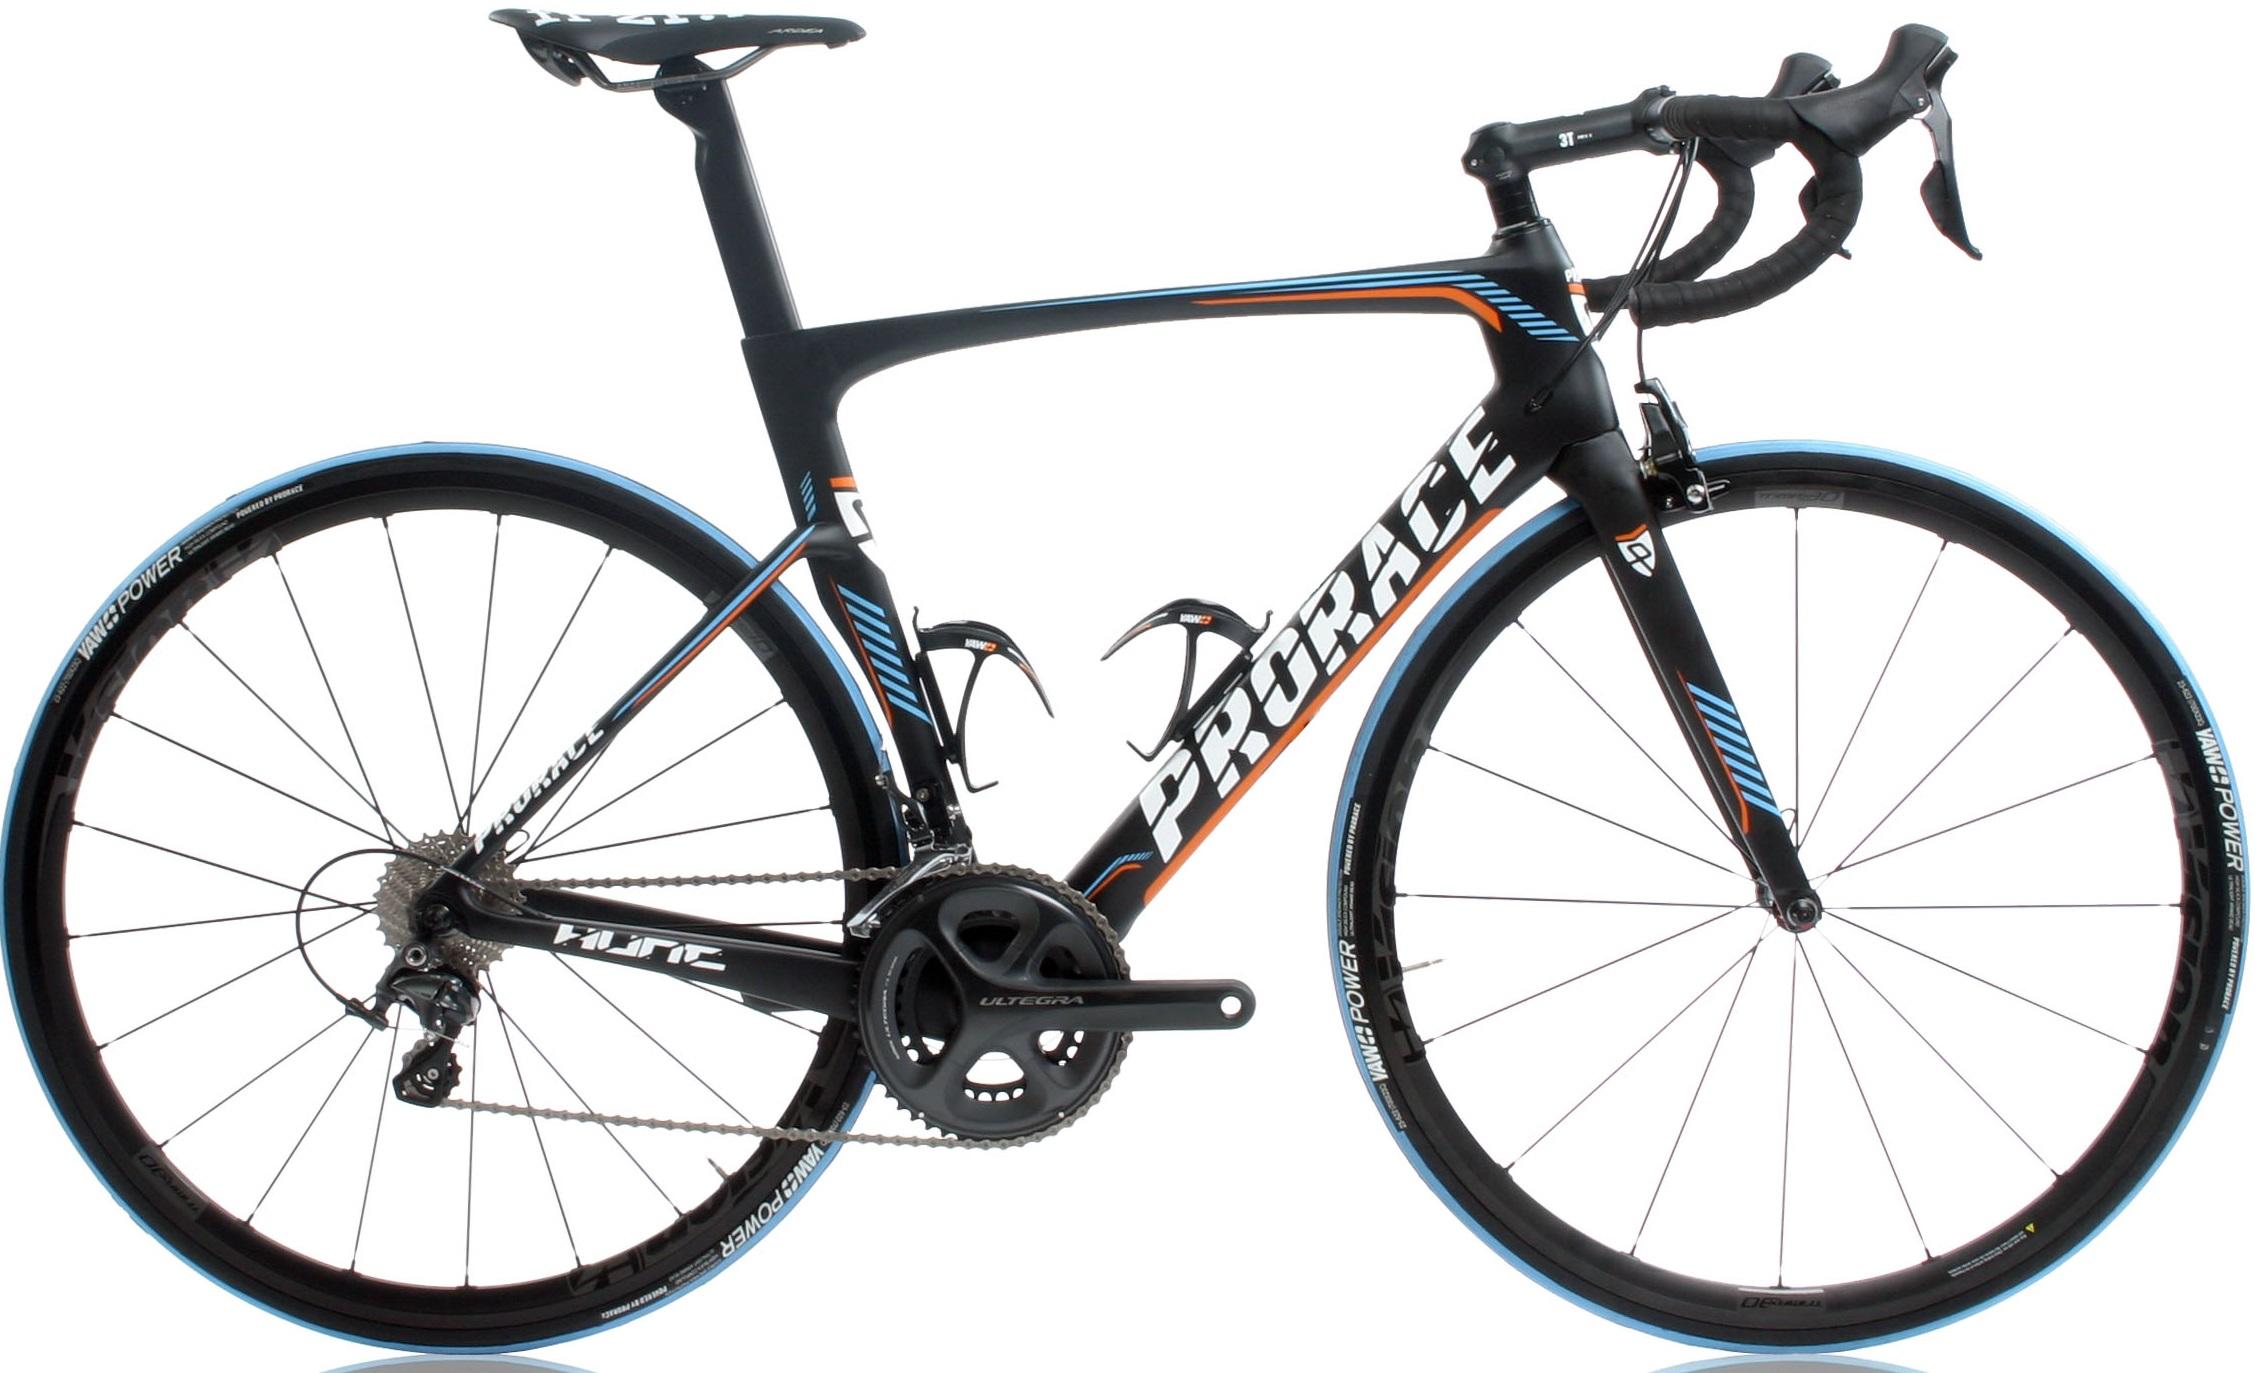 2016 Prorace Hunt ultegra light blue orange aeroneuroticarnutz2016 Prorace Hunt ultegra light blue orange aero2016 Avanti Corsa DR2 orange